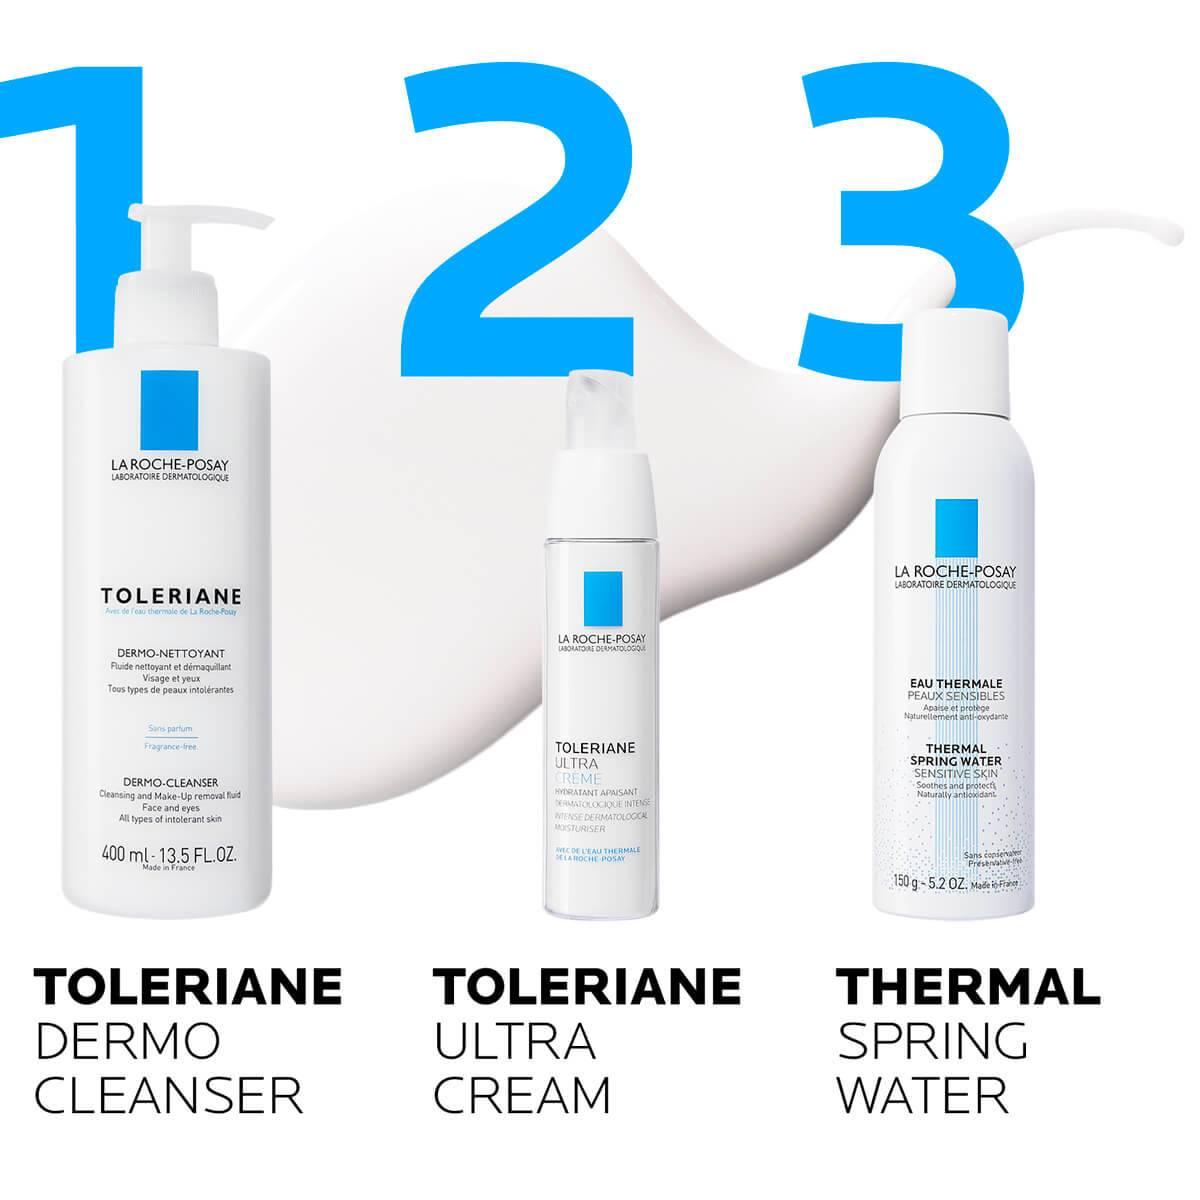 LaRochePosay-Product-Allergic-Toleriane-DermoCleanser-400ml-3337872411830-Routine